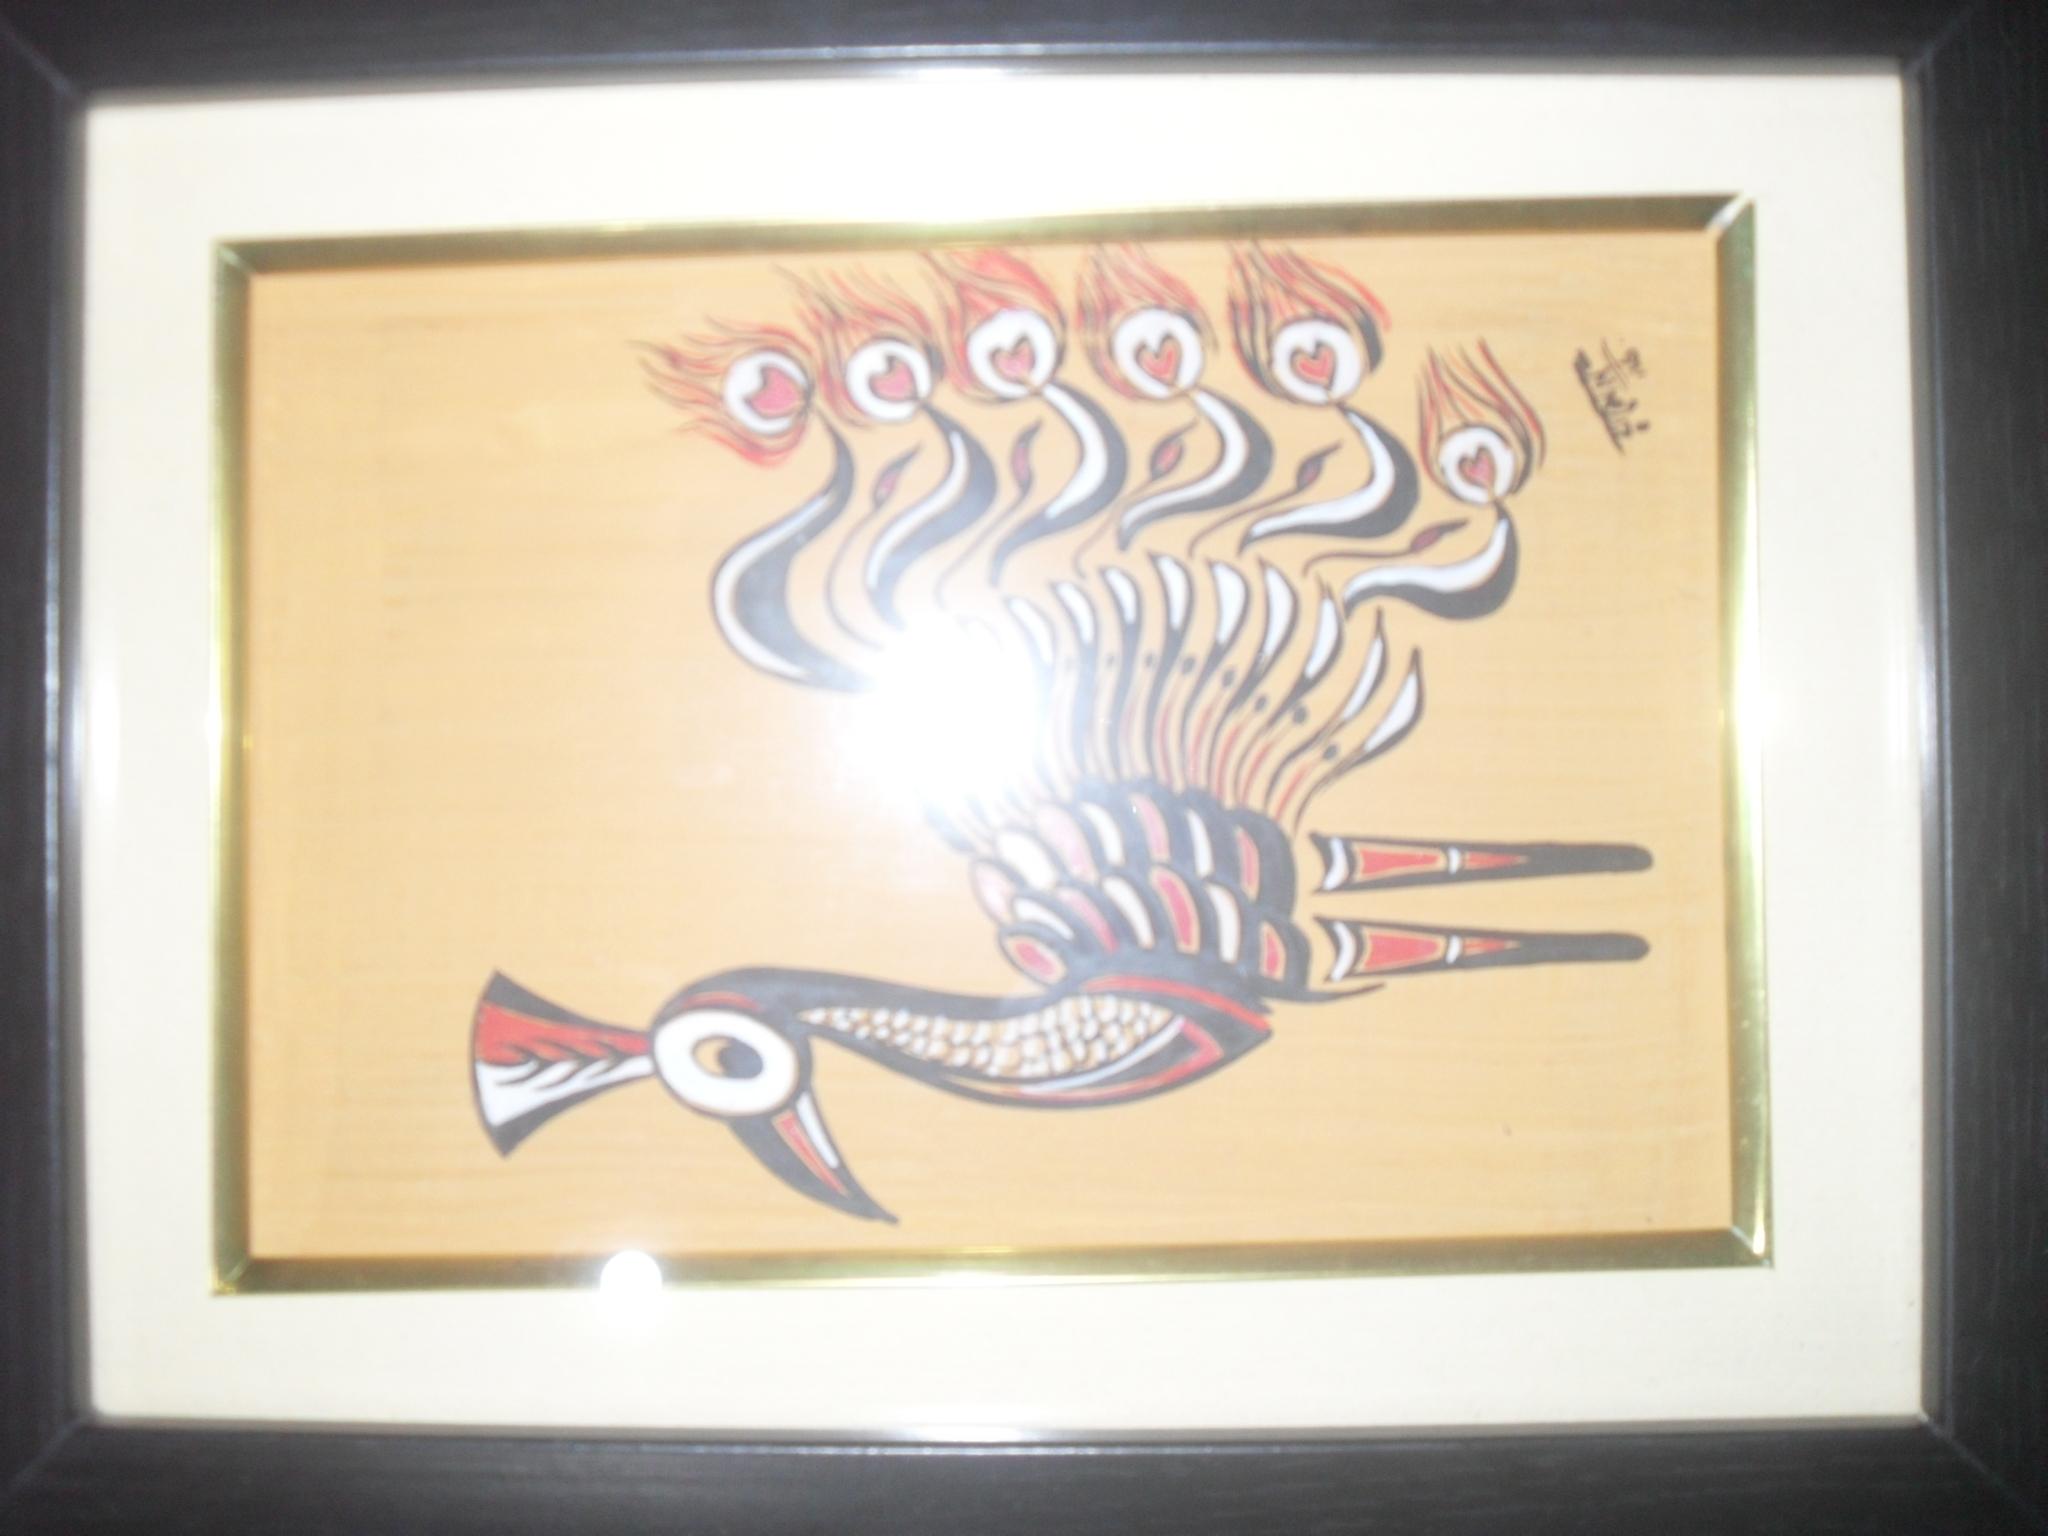 Chittakalpa - logo